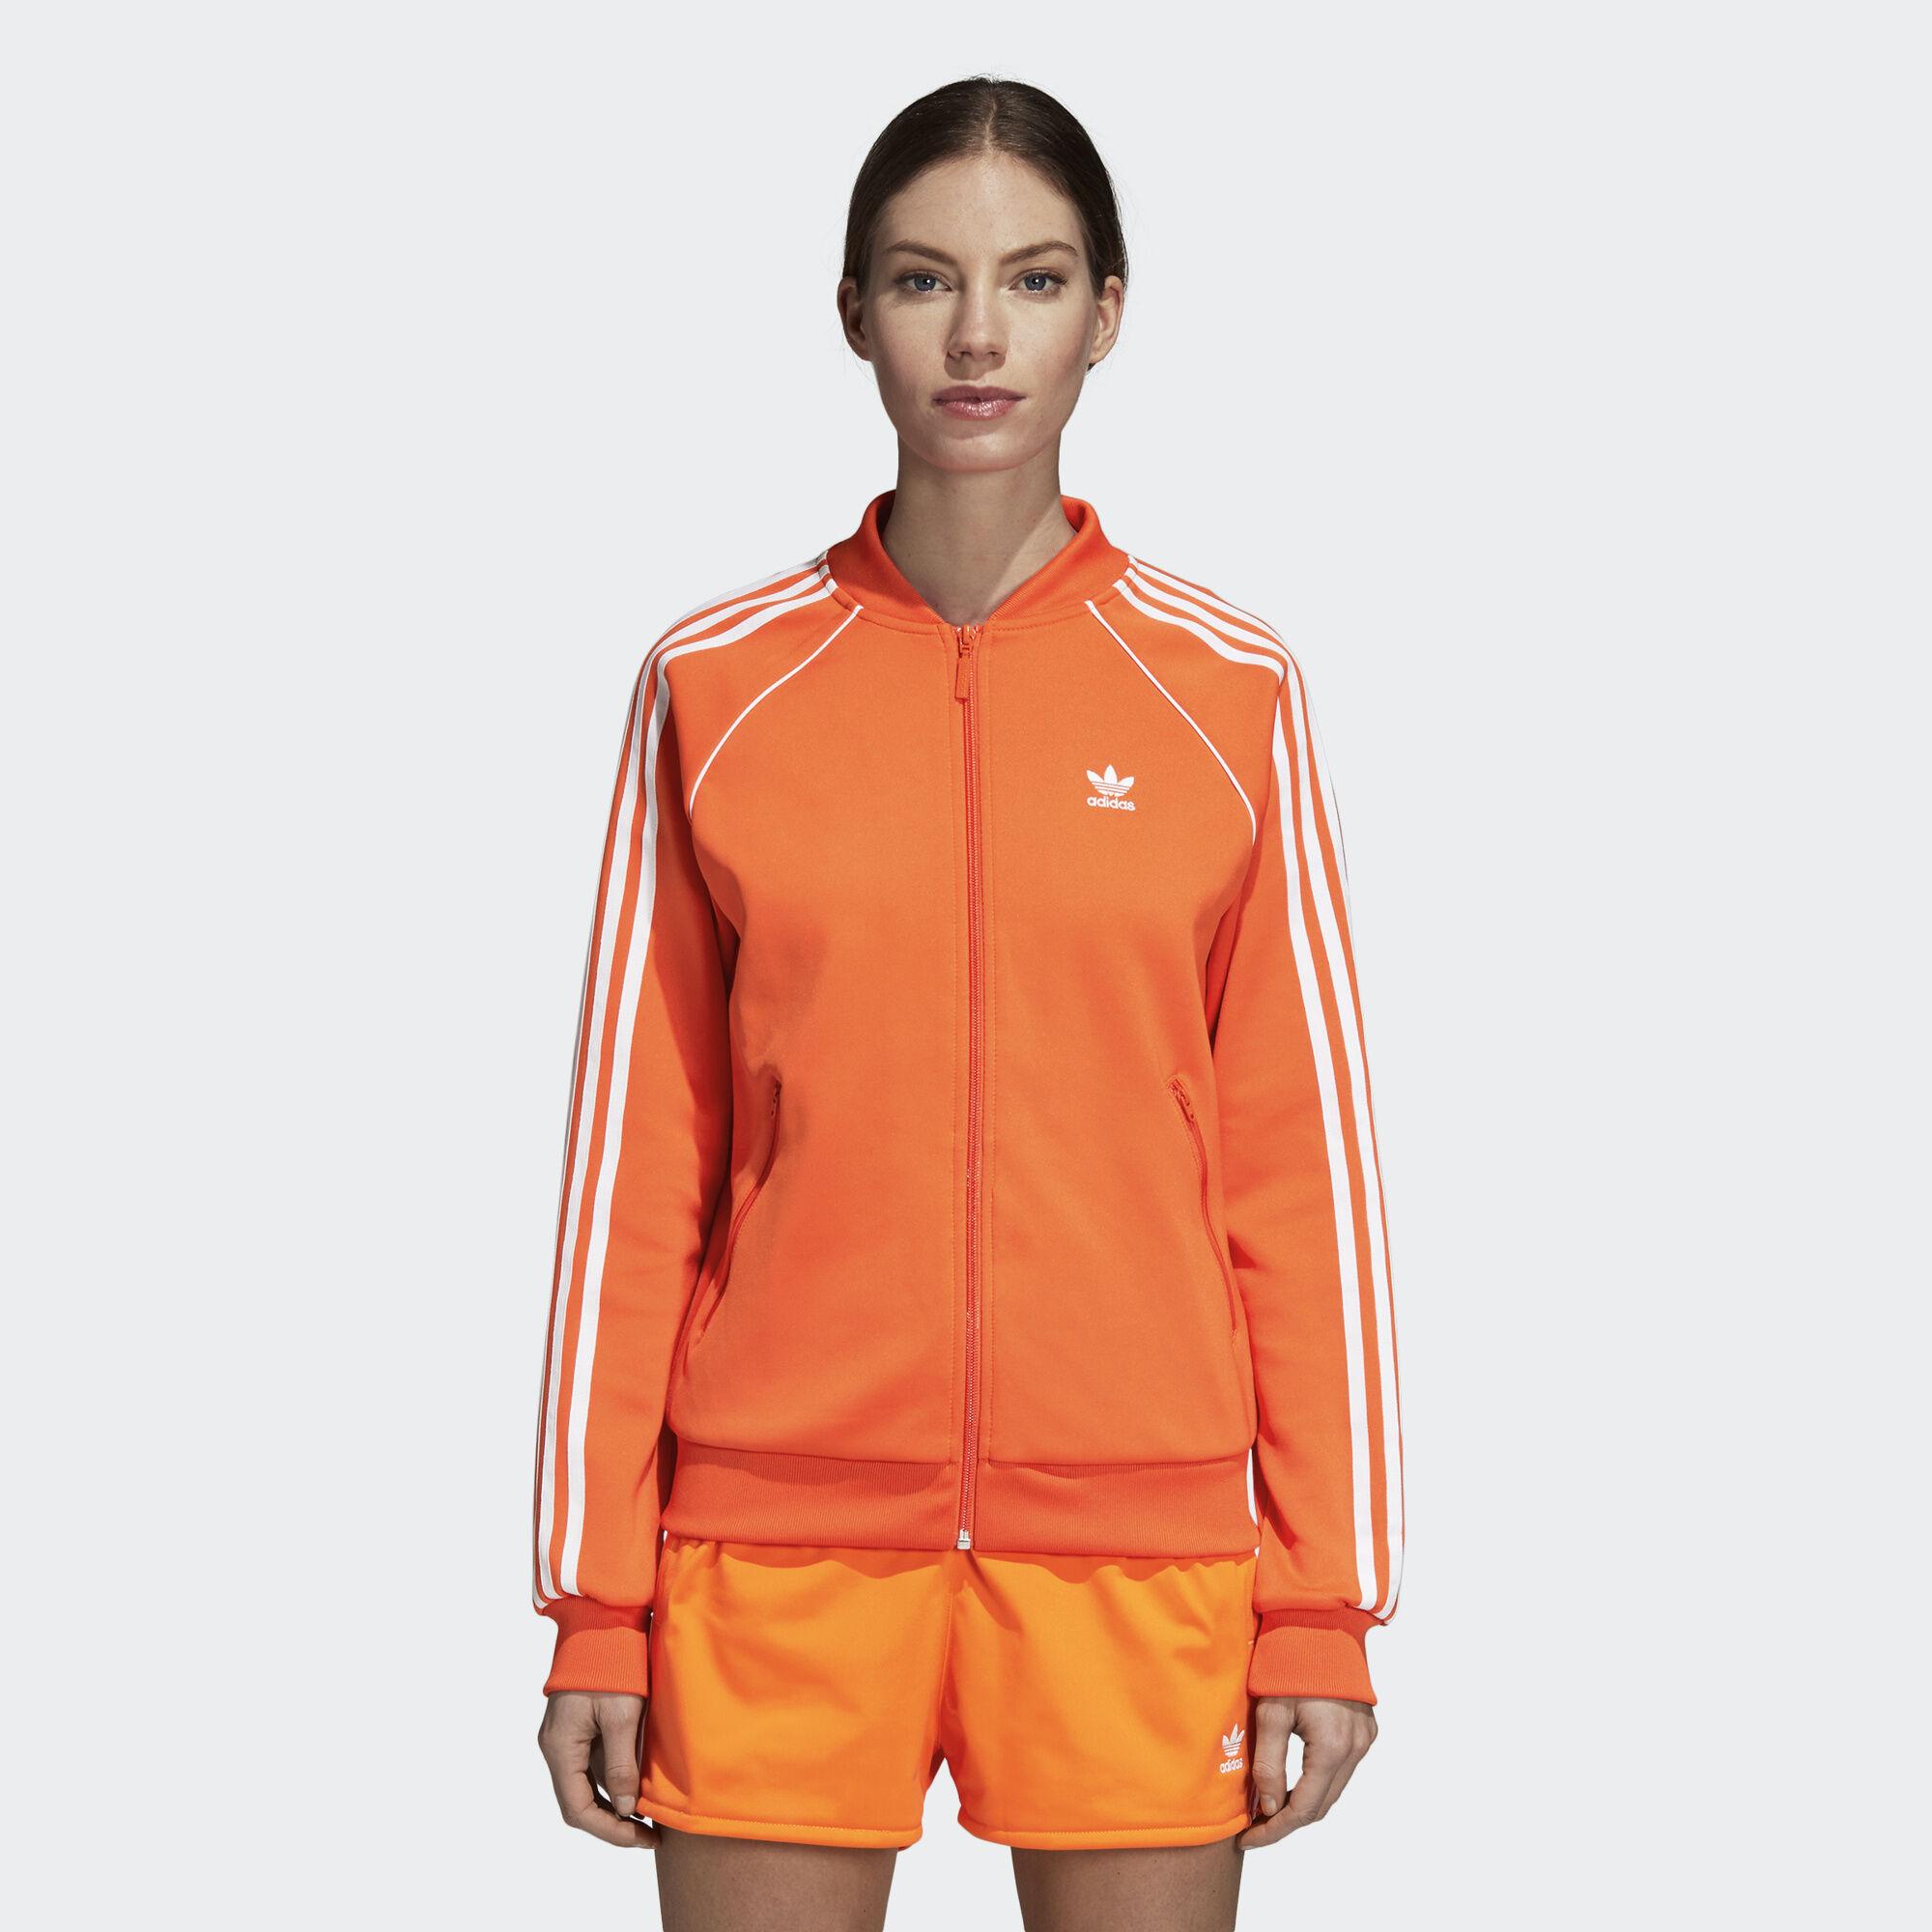 Adidas Regional Adidas Orange Sst Orange Regional Chaqueta Sst Chaqueta w0xqEC0d